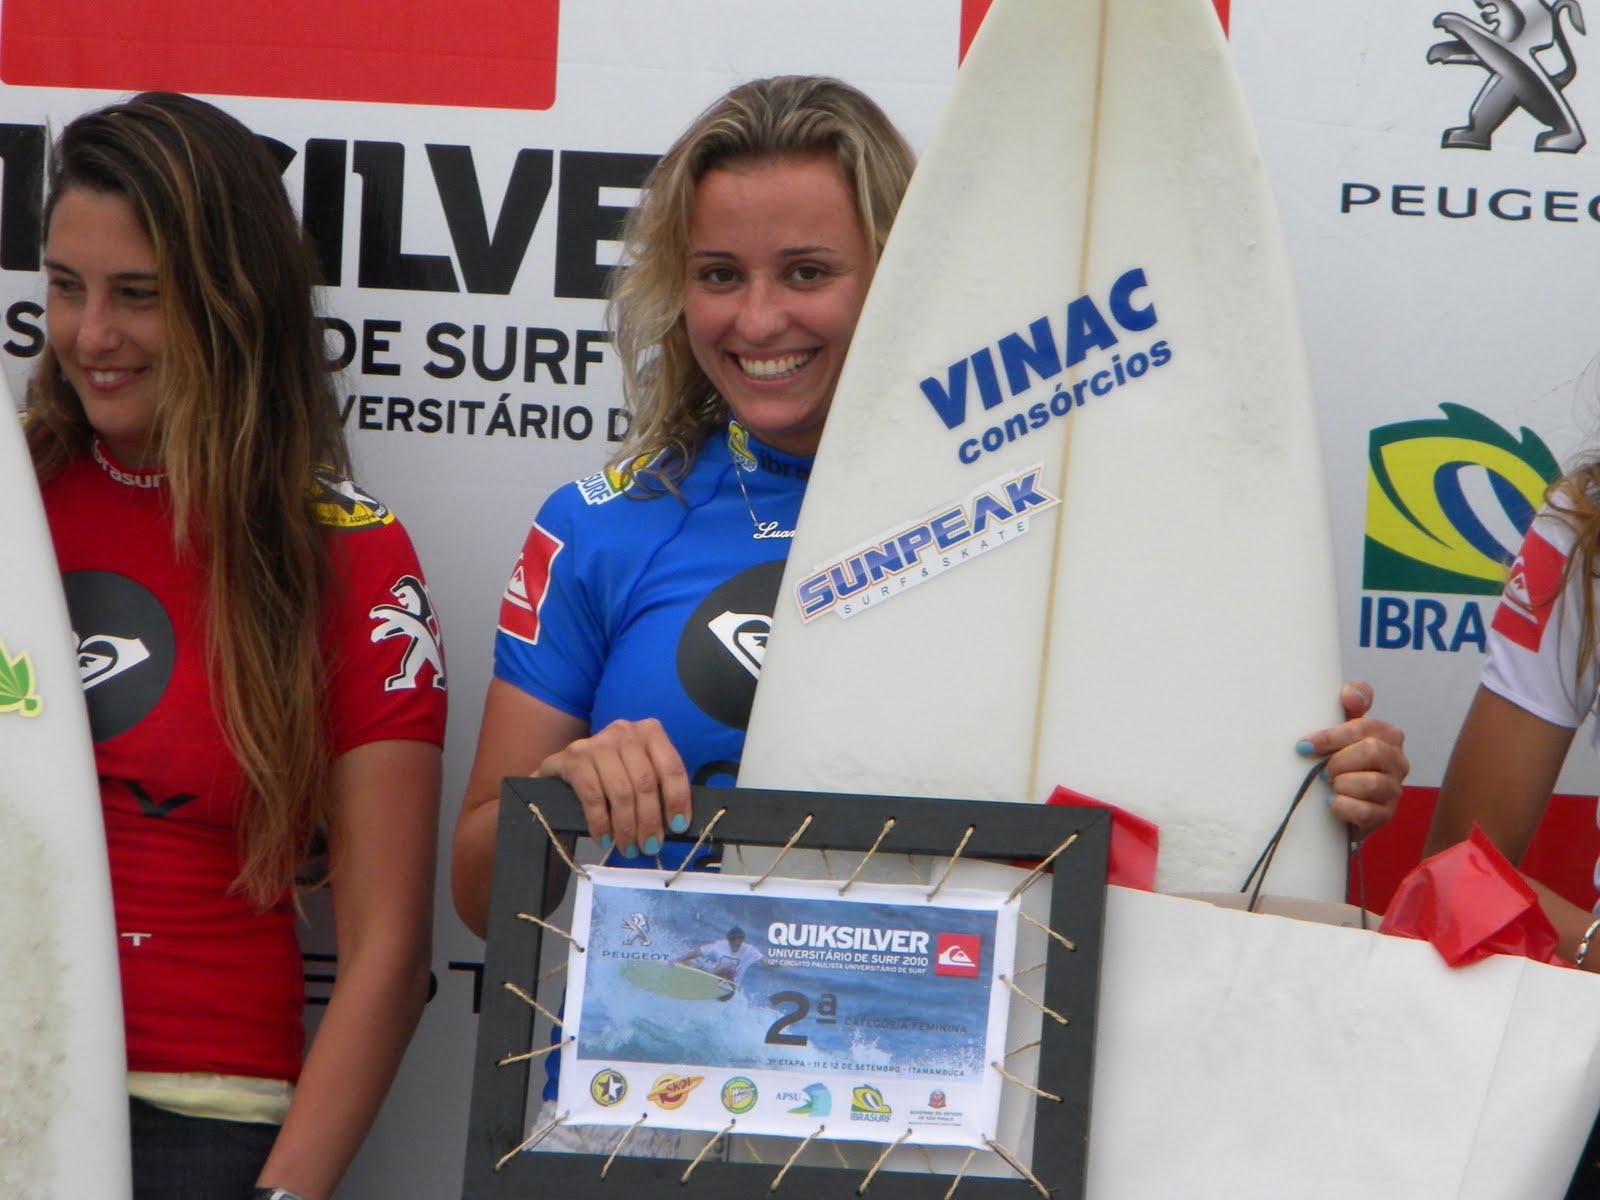 Chegou ao fim no último domingo (12) a temporada 2010 do Quiksilver  Paulista Universitário de Surf apresentado por Peugeot, na praia de  Itamambuca, Ubatuba. 65d3c49d0a